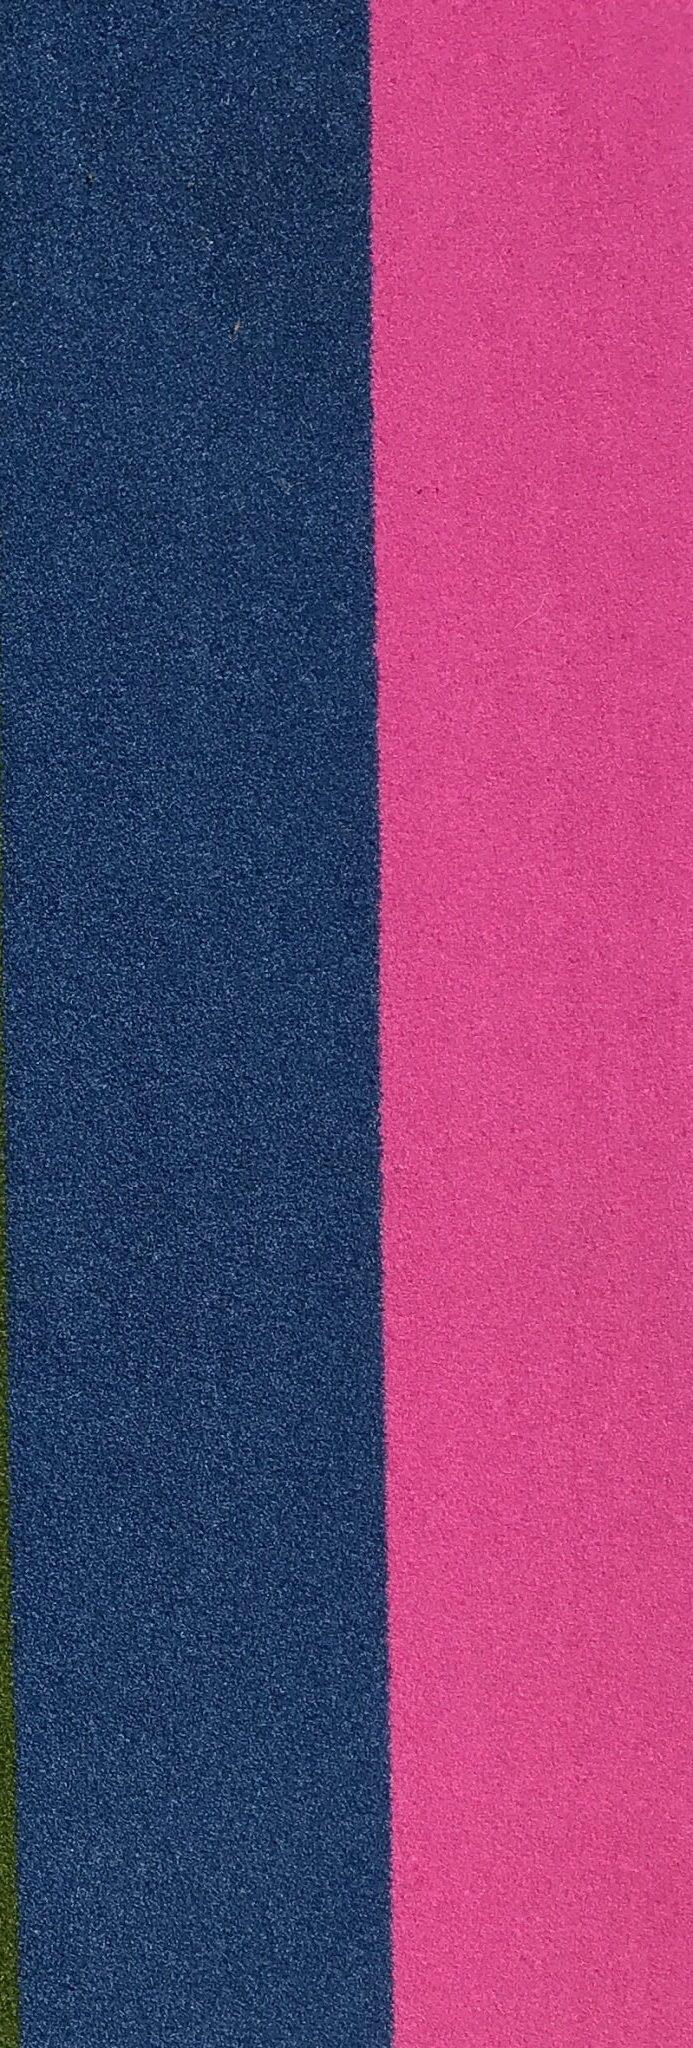 buitentapijt-blauw/roze